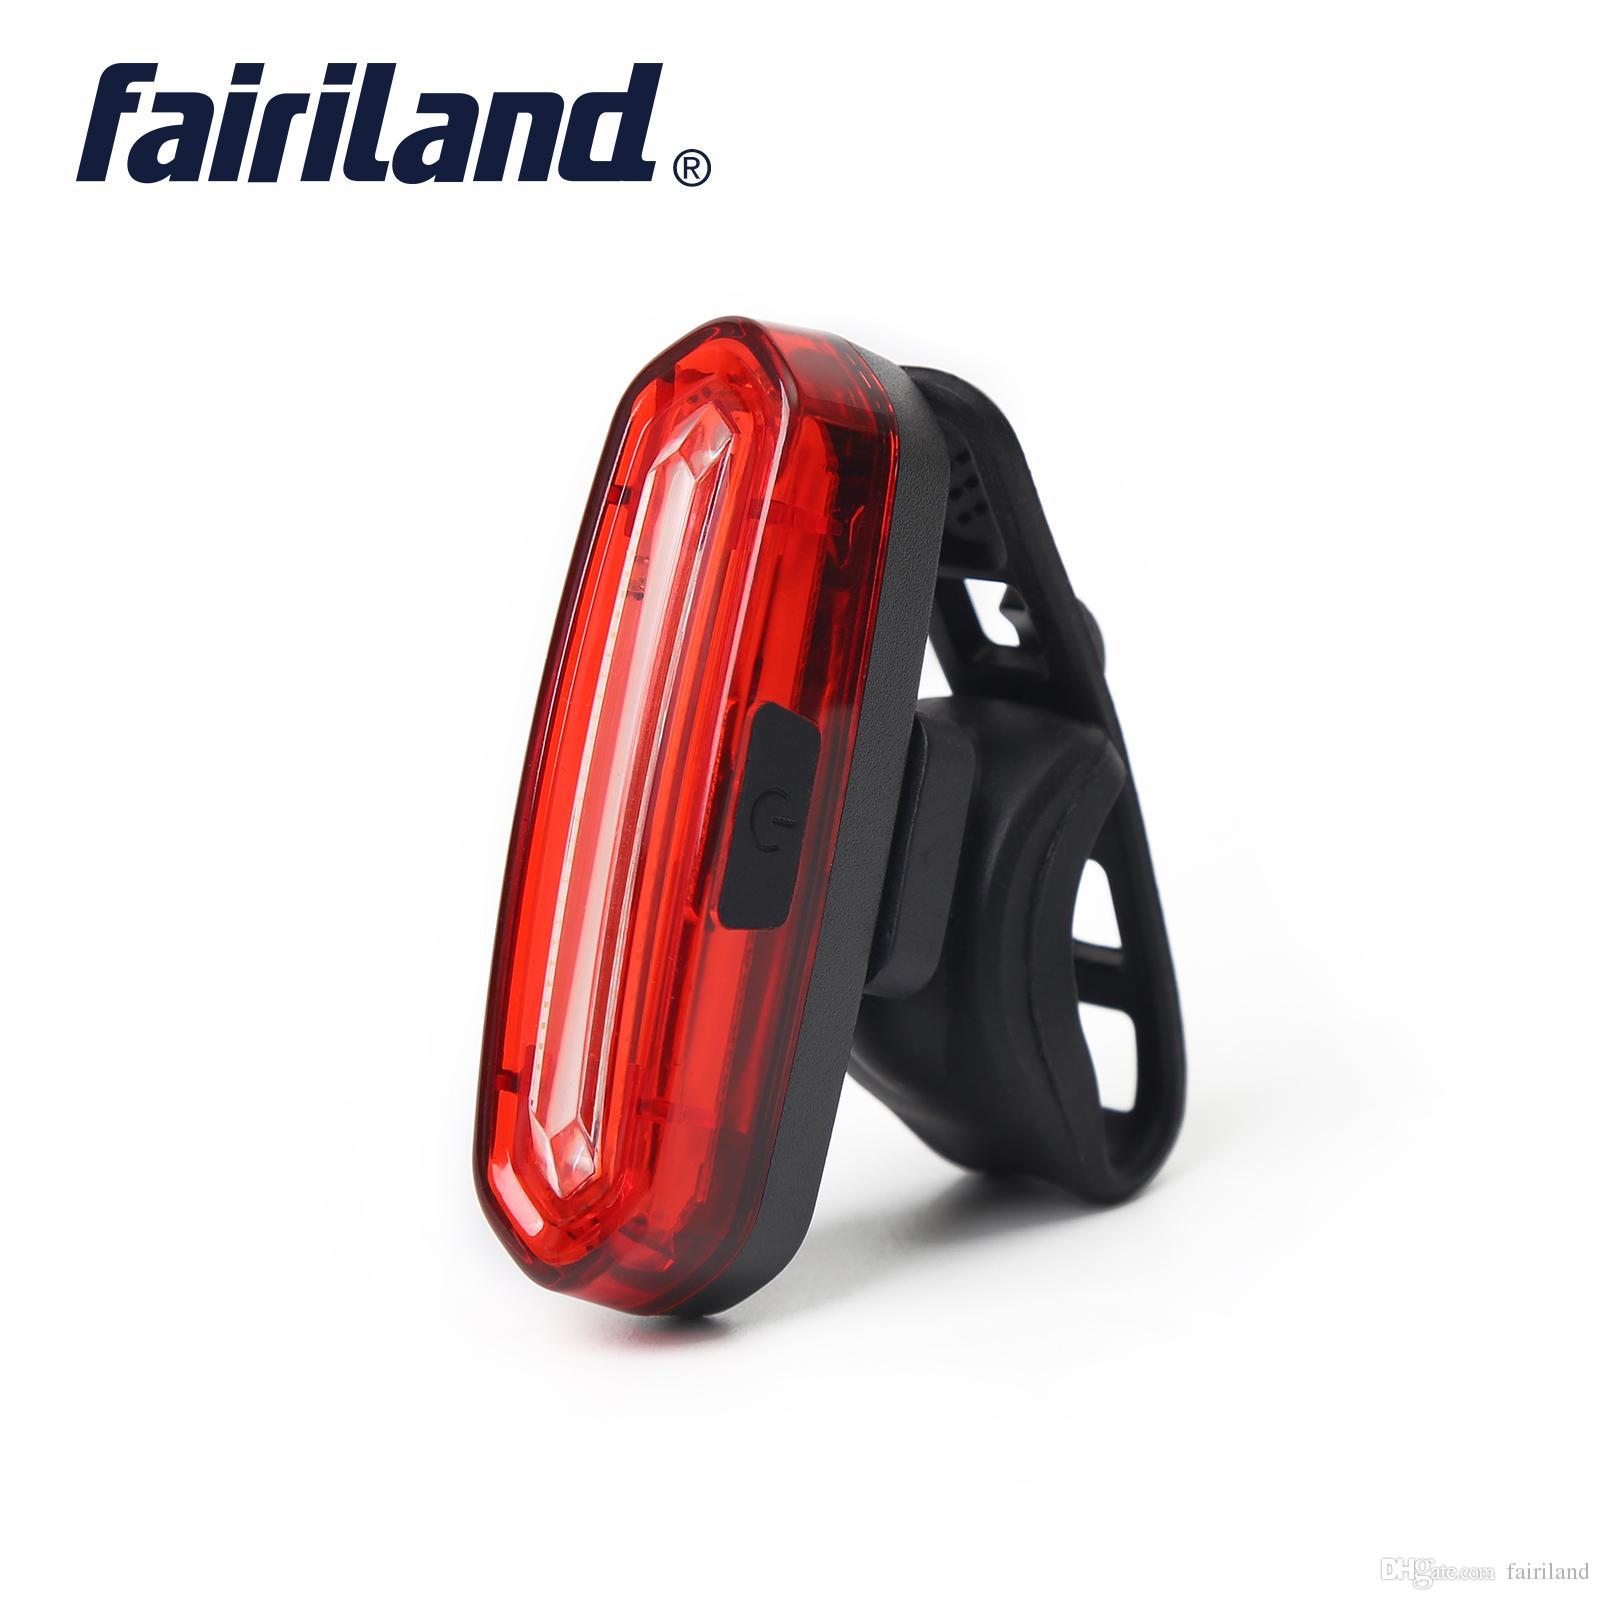 자전거 리어 라이트 COB 하이라이트 비즈 USB 충전식 600mAh Li 배터리 안전 경고 사이클링 꼬리 빛 방수 미등